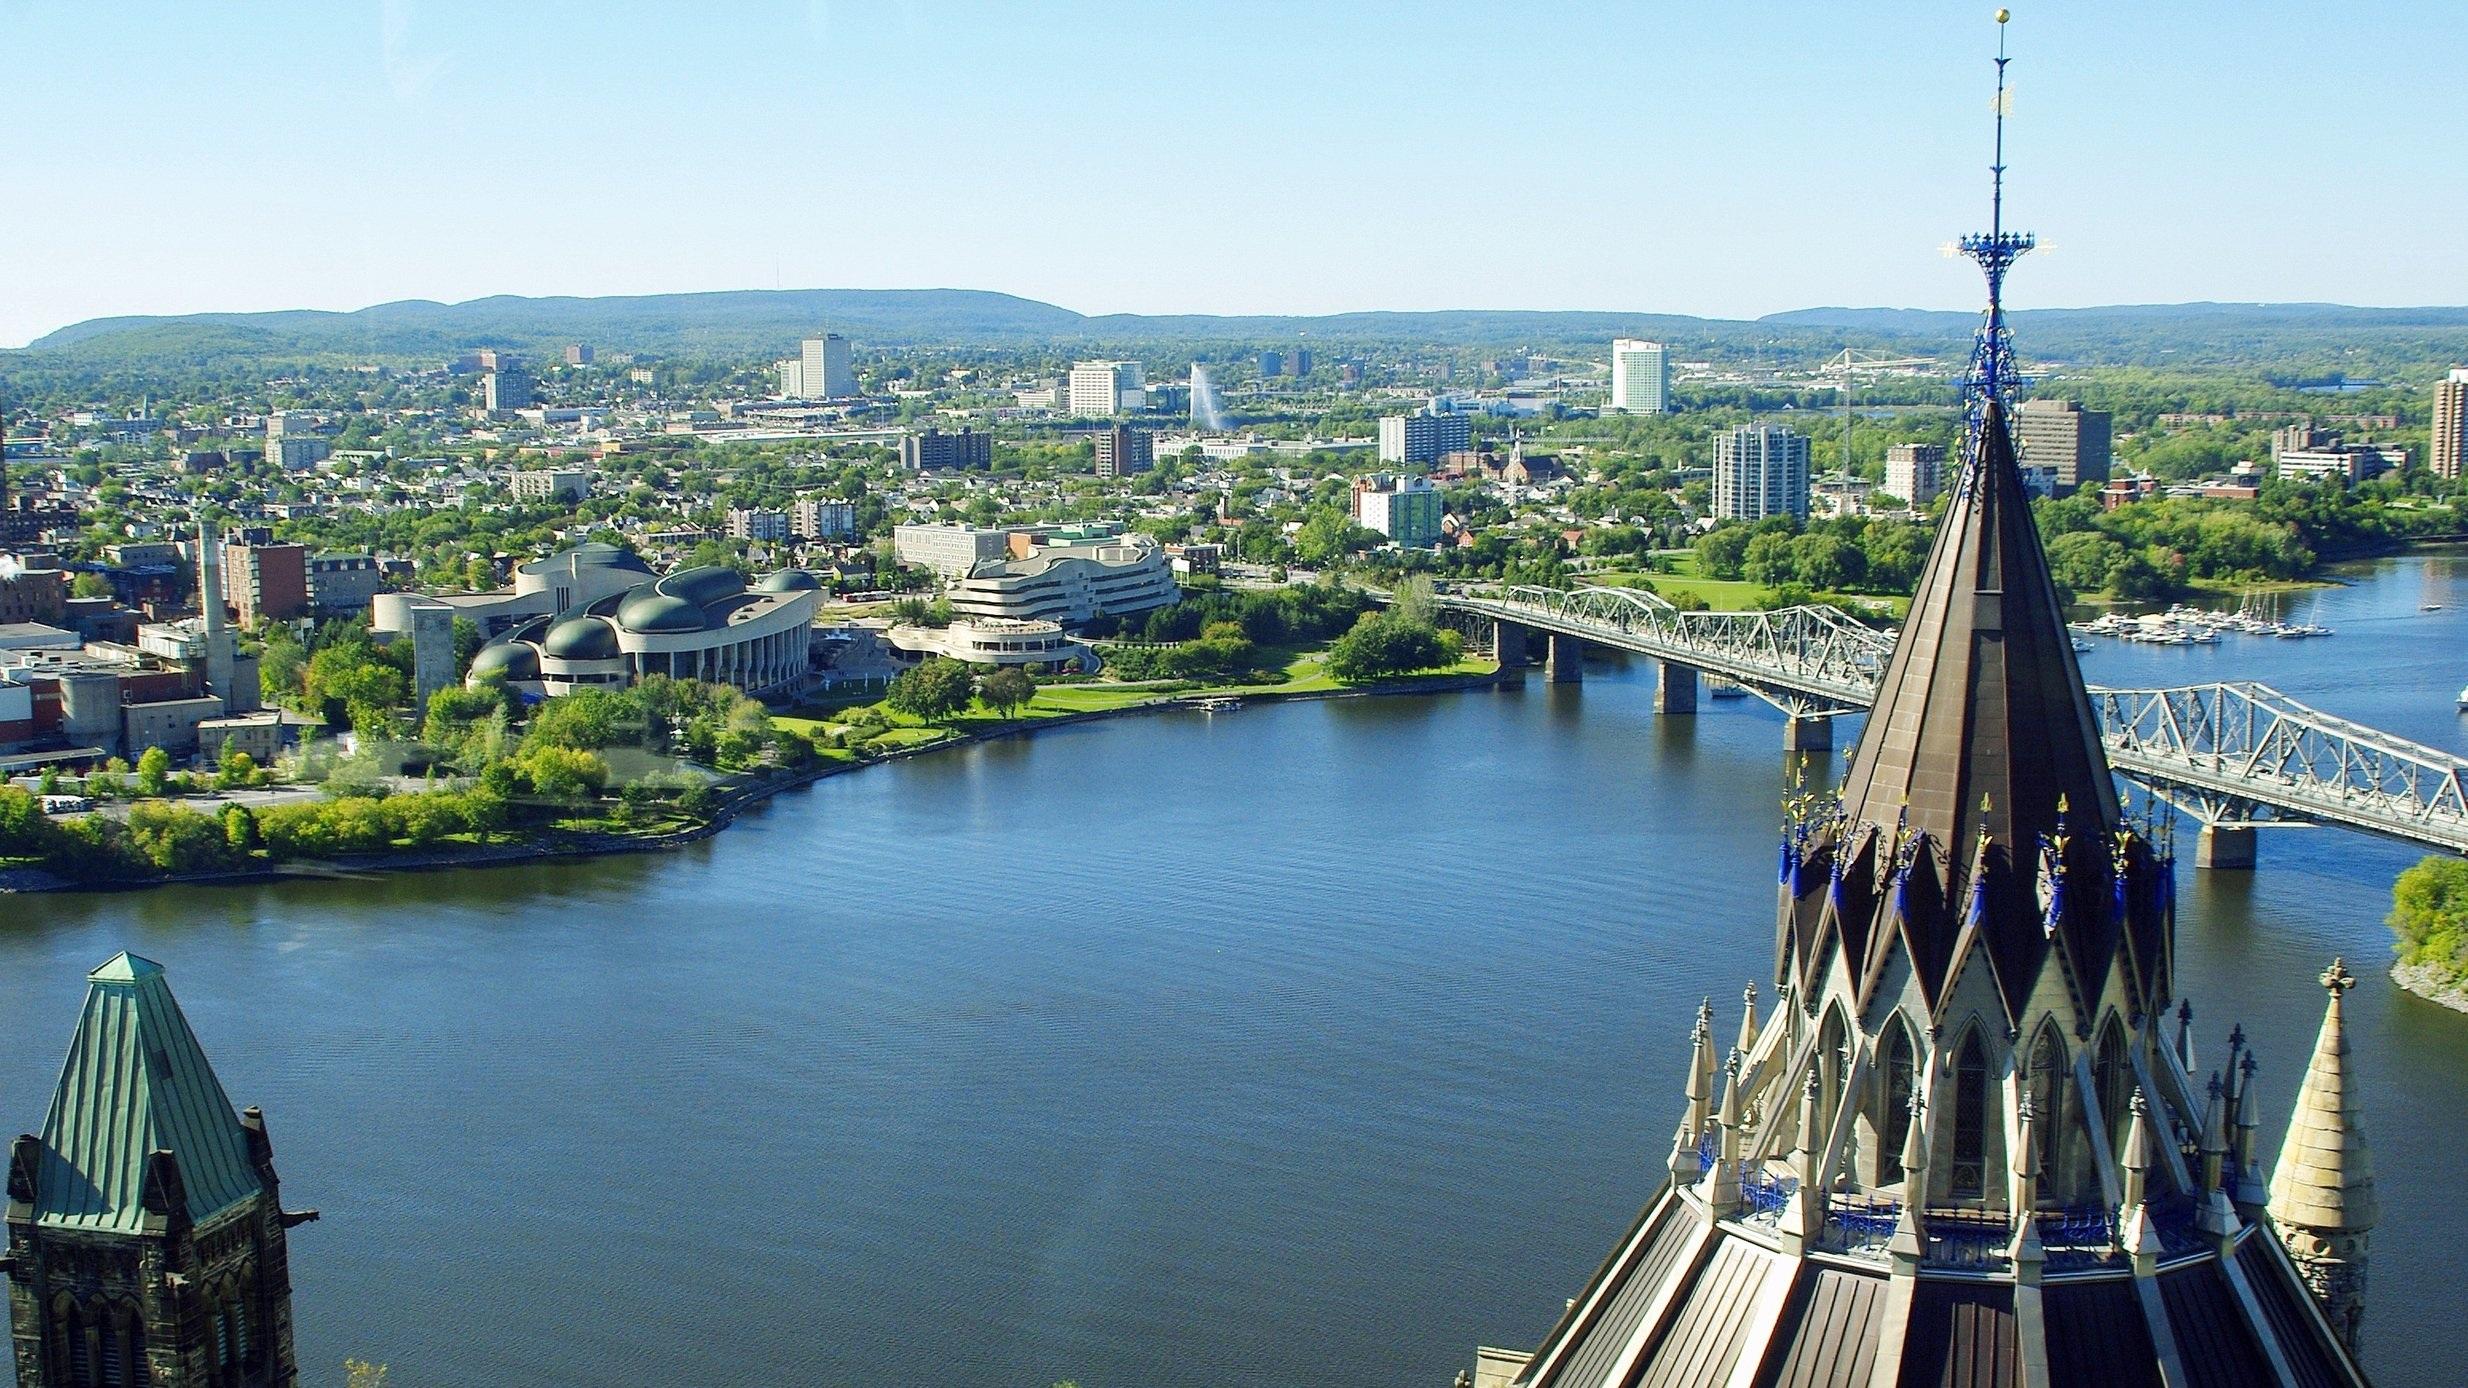 City Tour - Vill du snabbt upptäcka och lära dig mer på din resa till Ottawa är en 90 minuters historielektion via buss ett bra alternativ. Här får du information om stadens största sevärdheter.